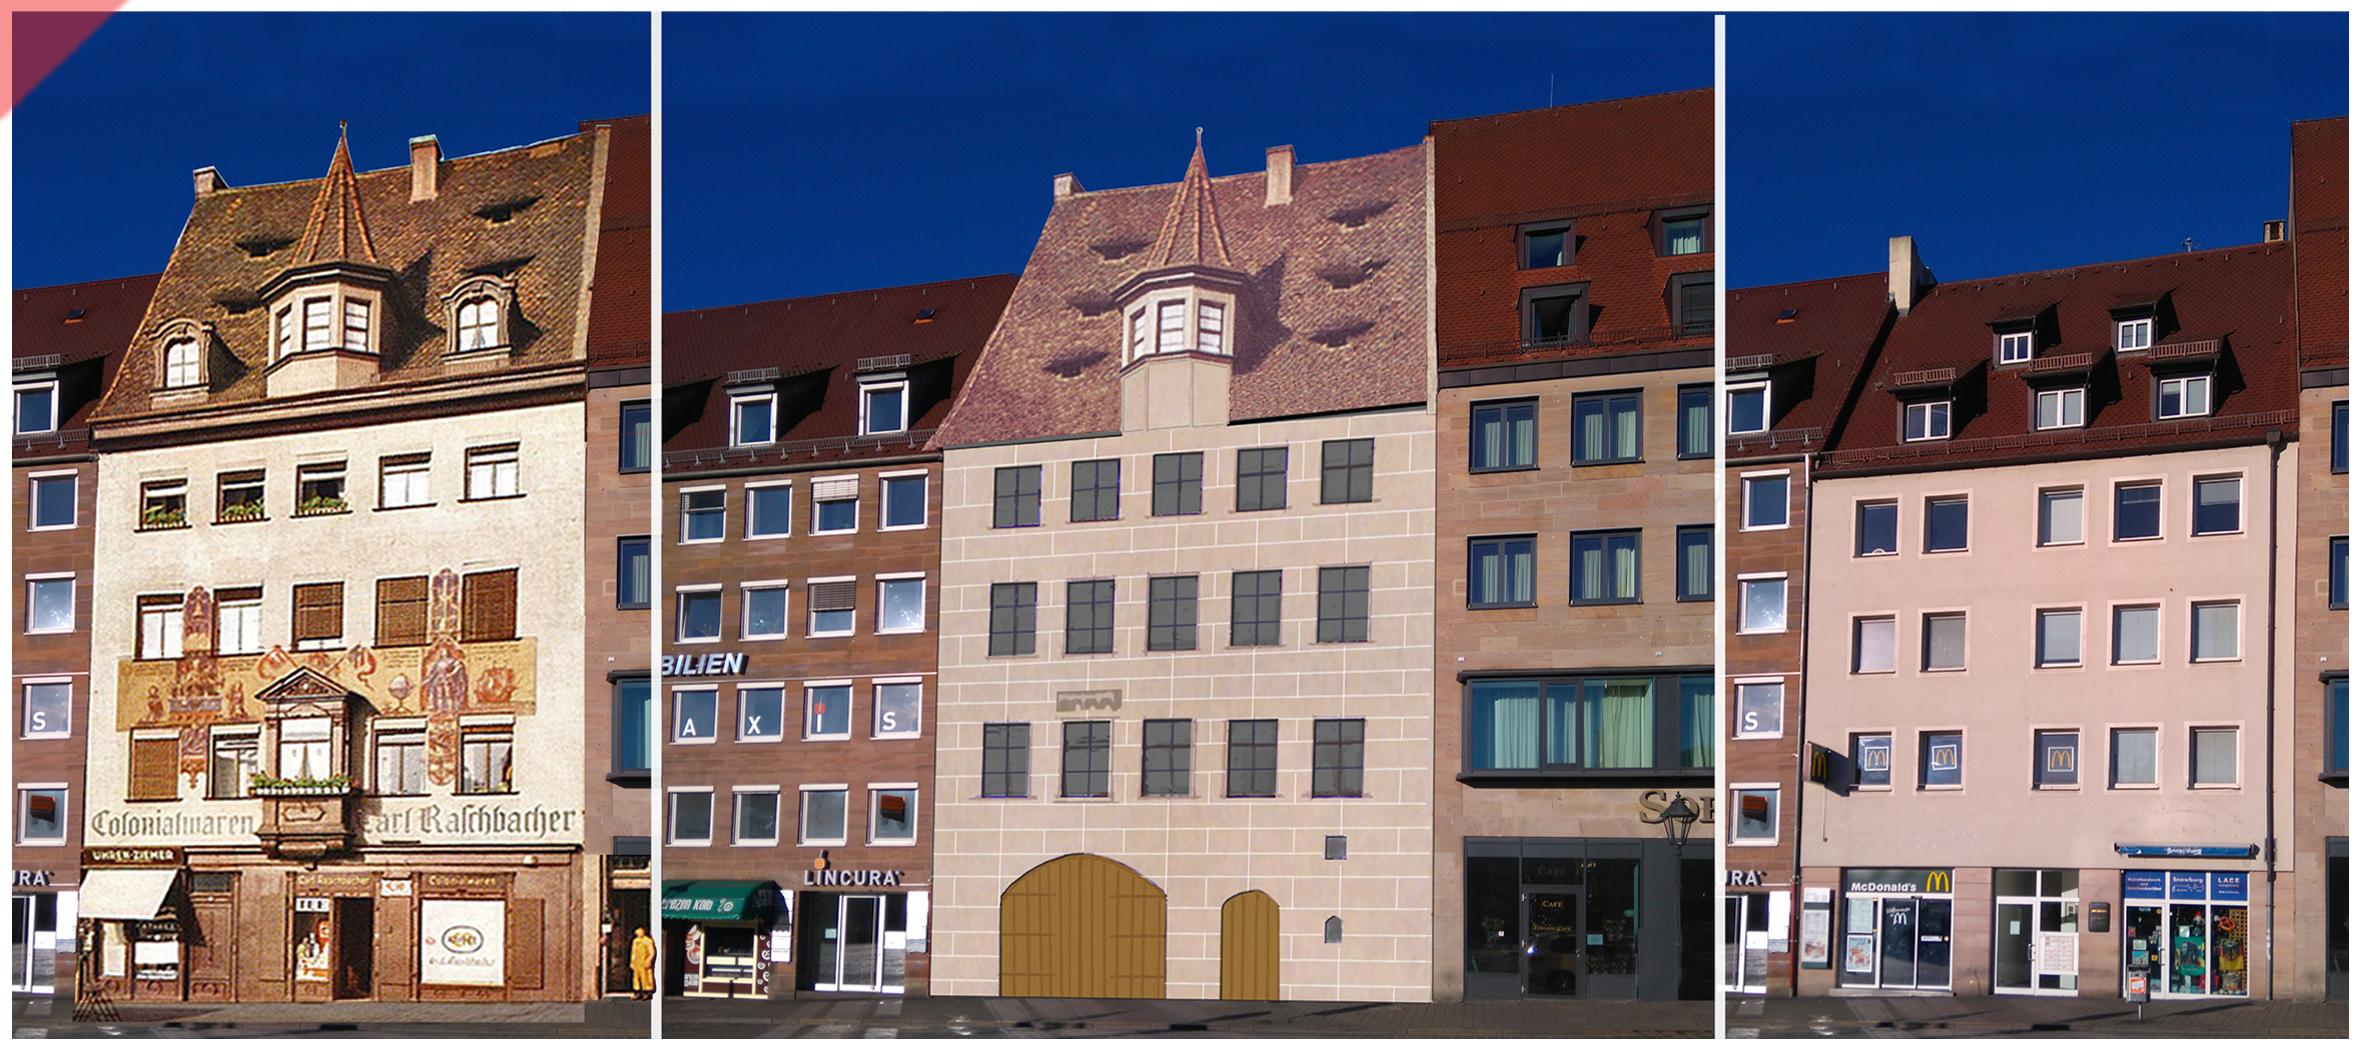 Heiltumsweisung-Nürnberg-Hauptmarkt-15-Schopper-Behaim-1424-1523-Rekonstruktion-Gebäude-3-Vergleich